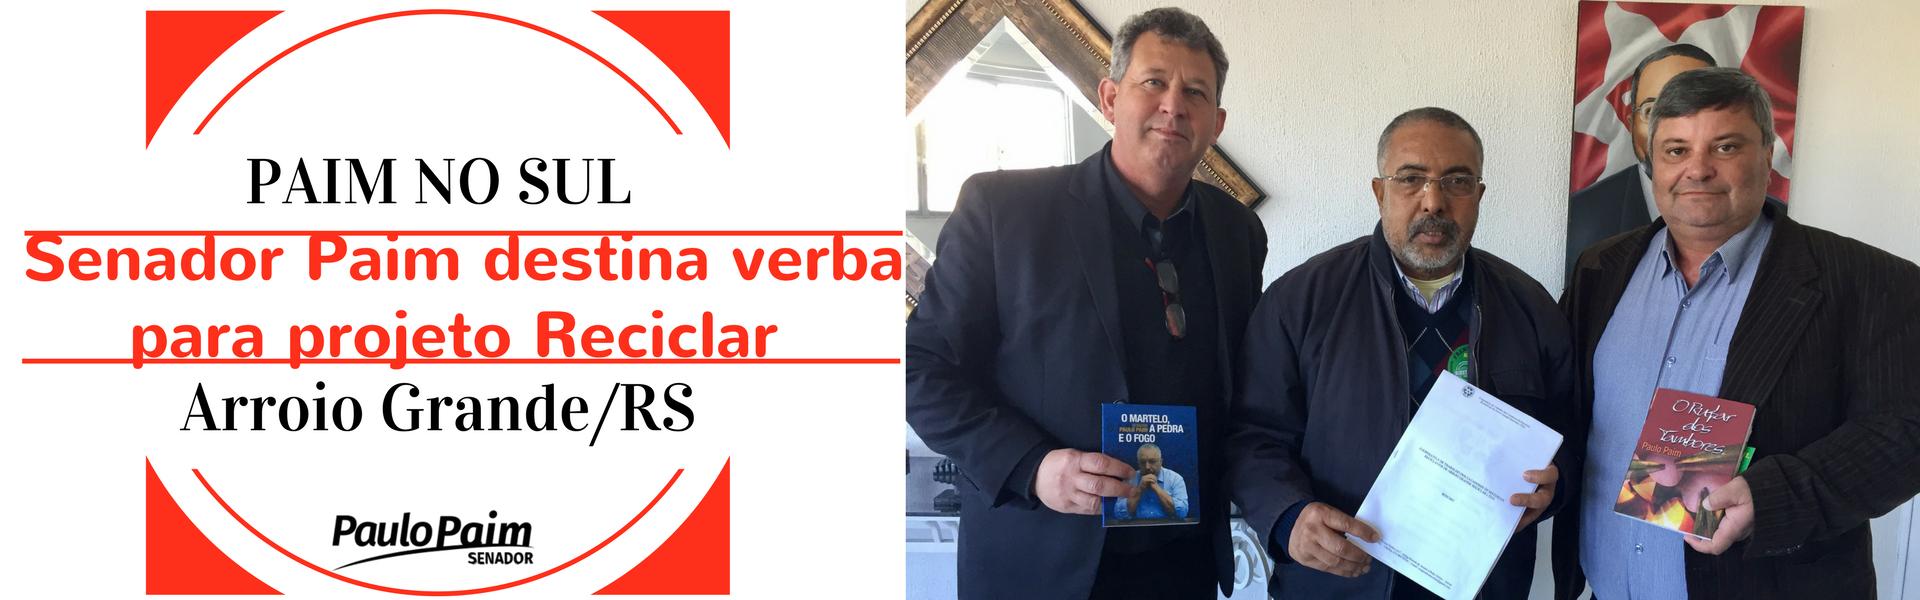 Senador Paim destina R$ 250 mil para projeto de reciclagem em Arroio Grande